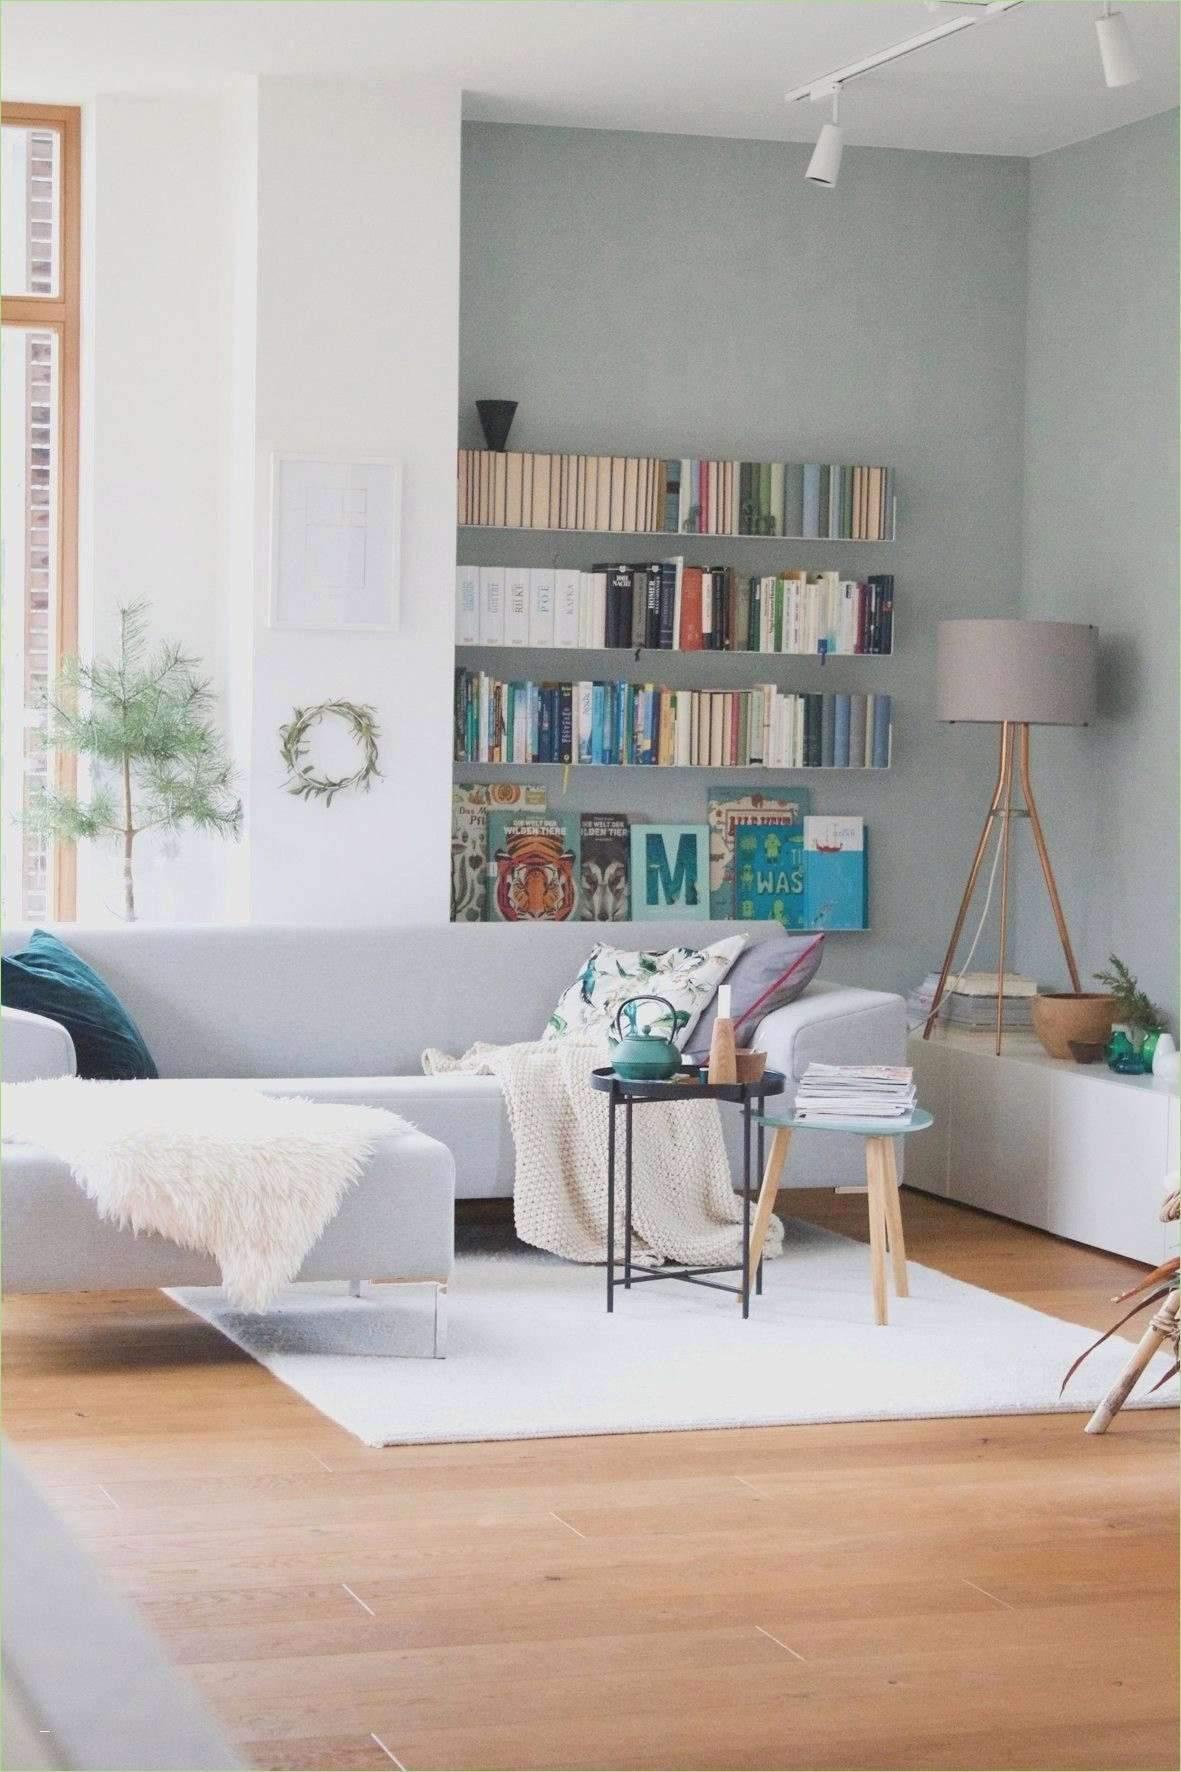 Altes Holz Deko Schön 27 Elegant Dekorationsideen Wohnzimmer Luxus